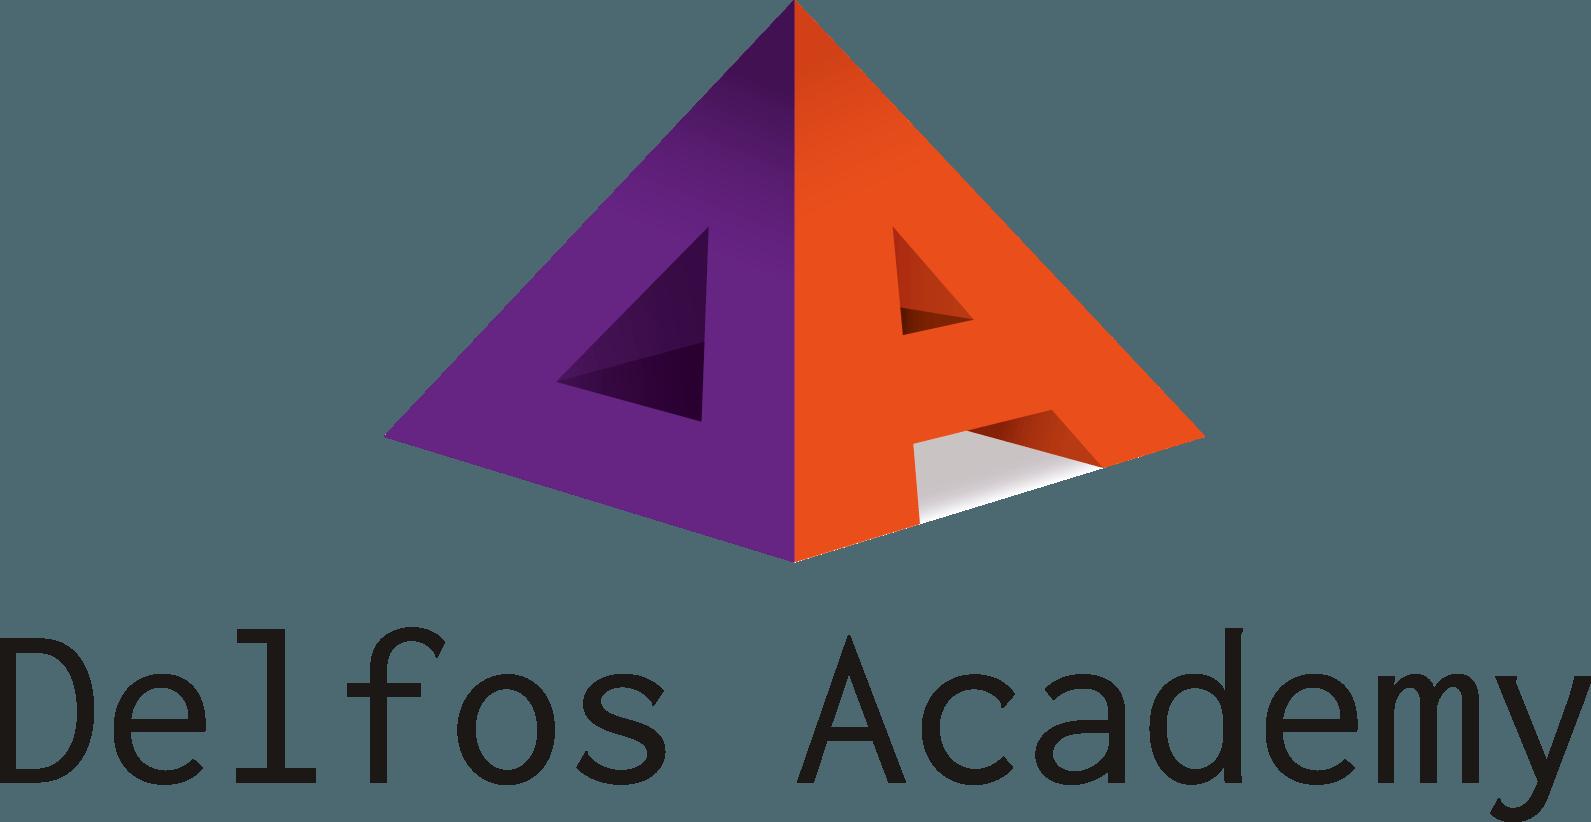 Delfos Academy